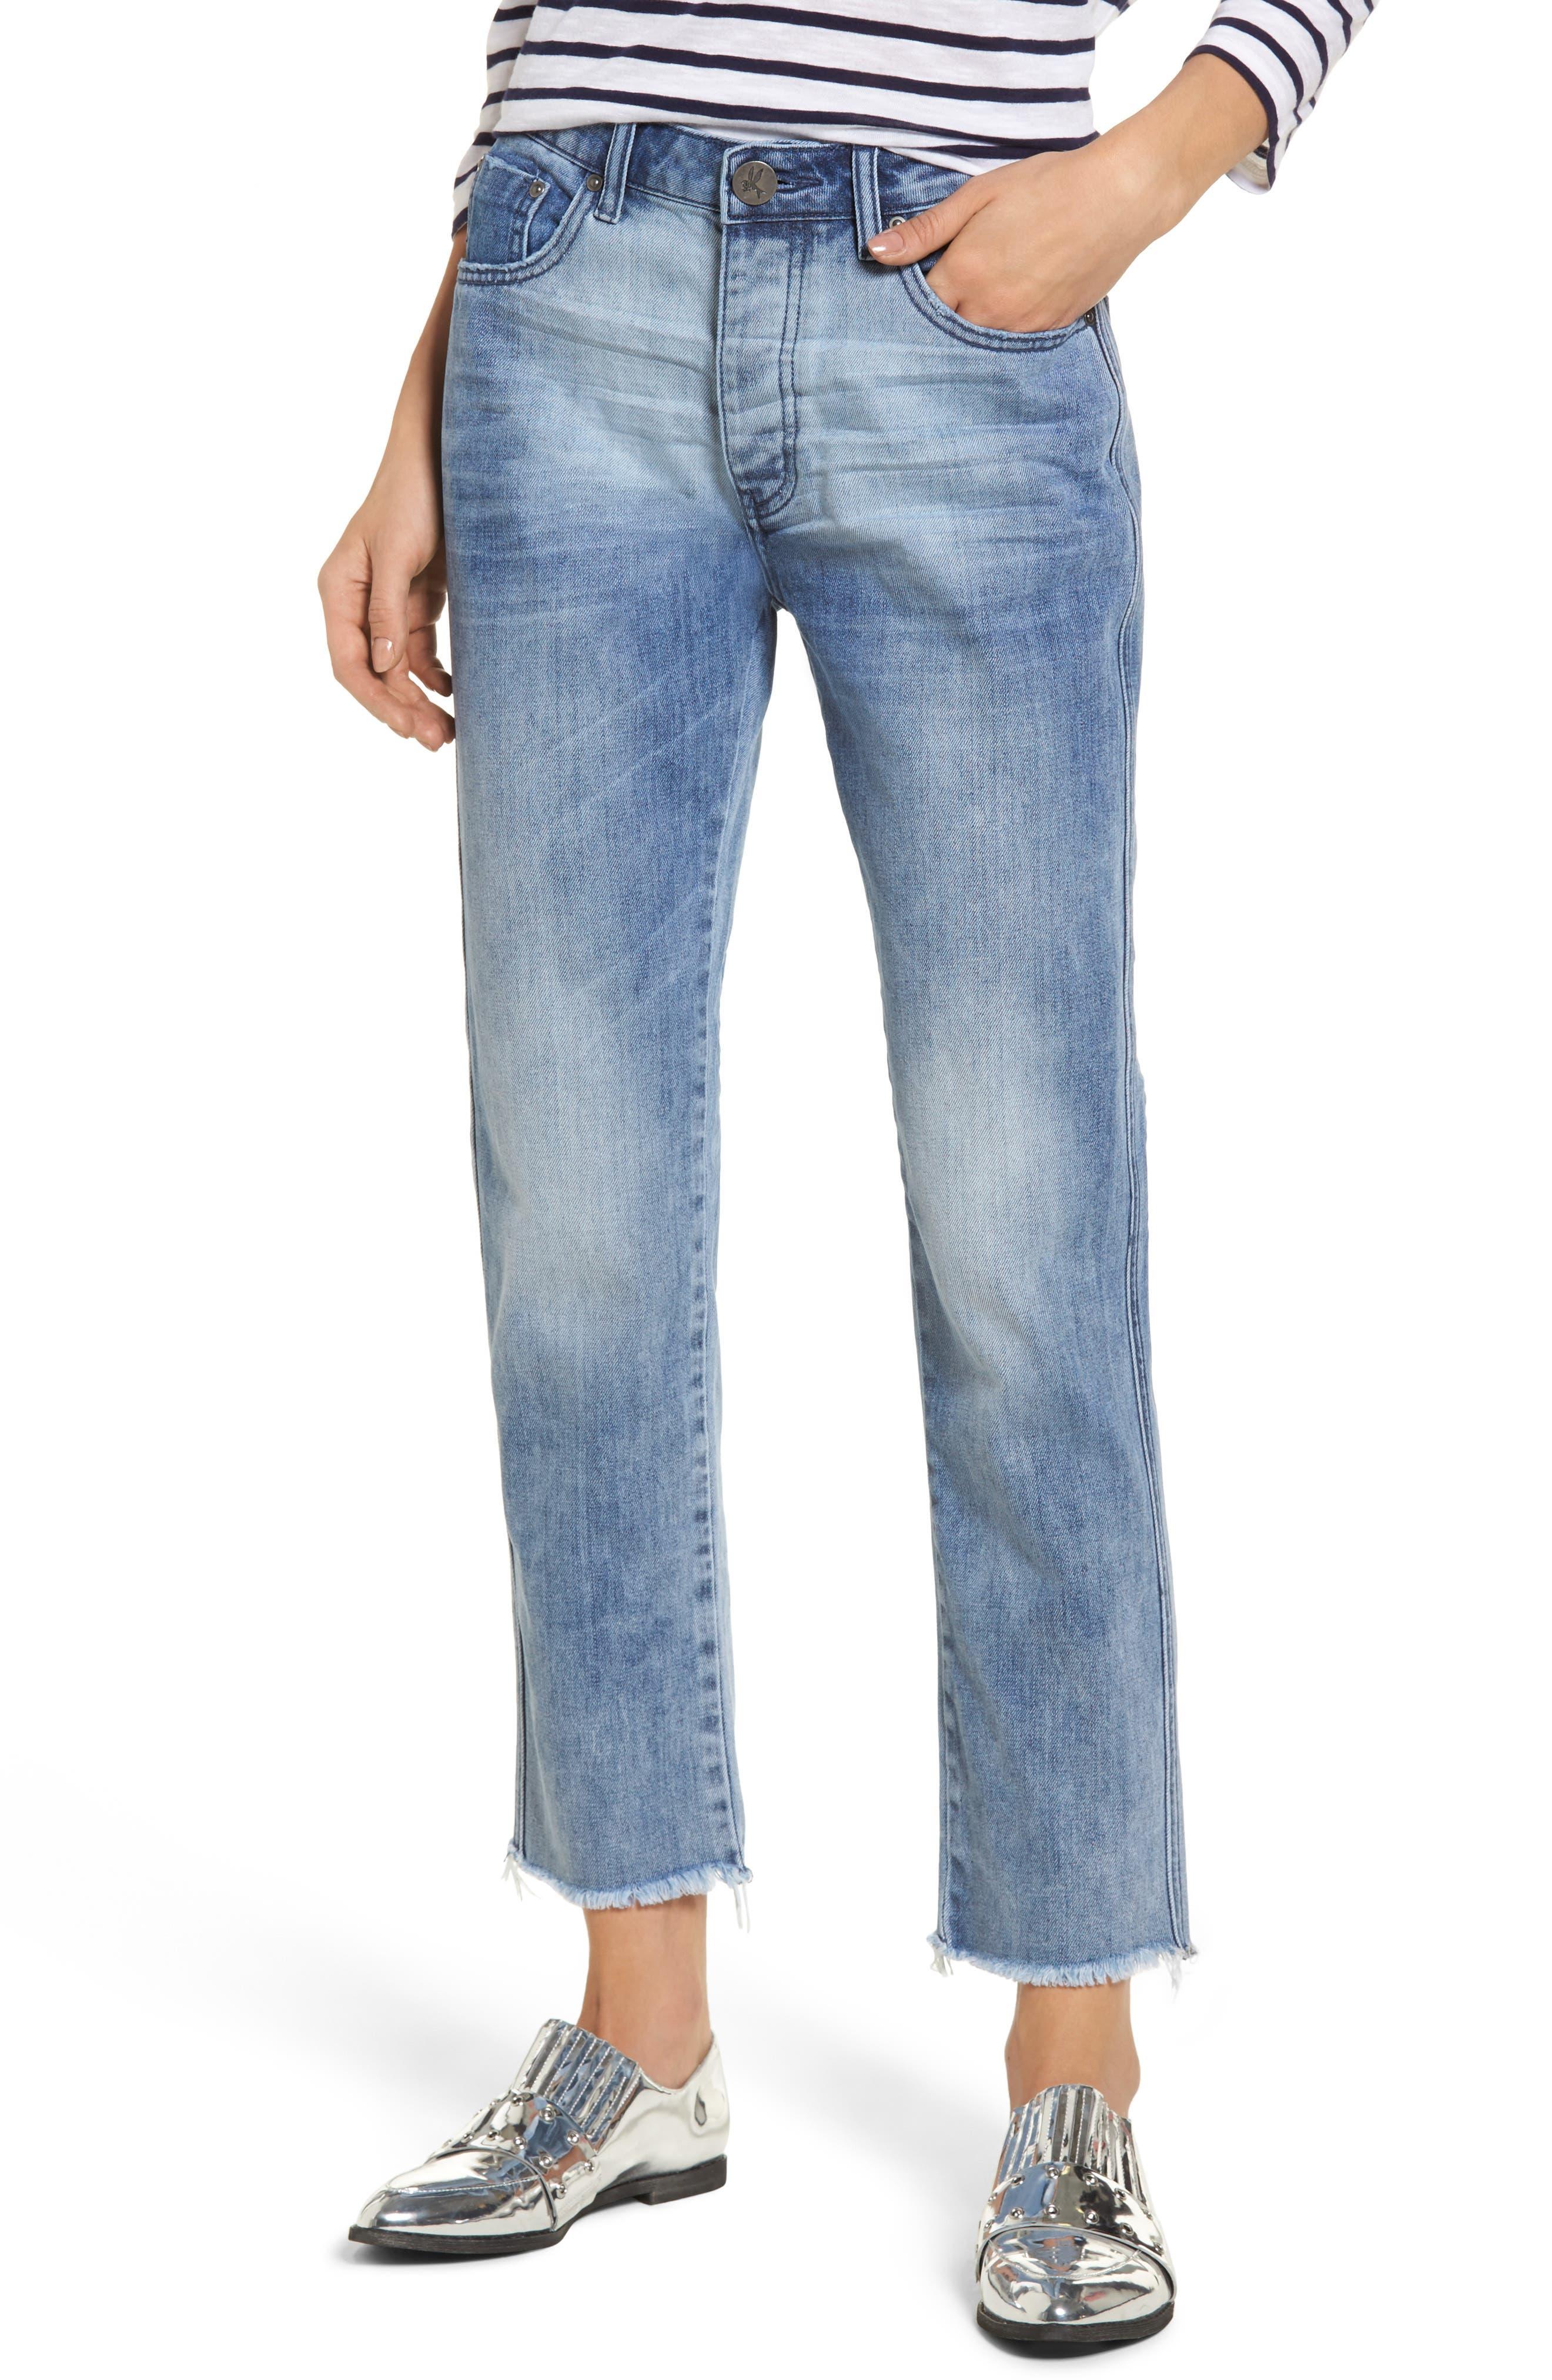 Tuckers High Waist Straight Leg Jeans,                         Main,                         color, 456